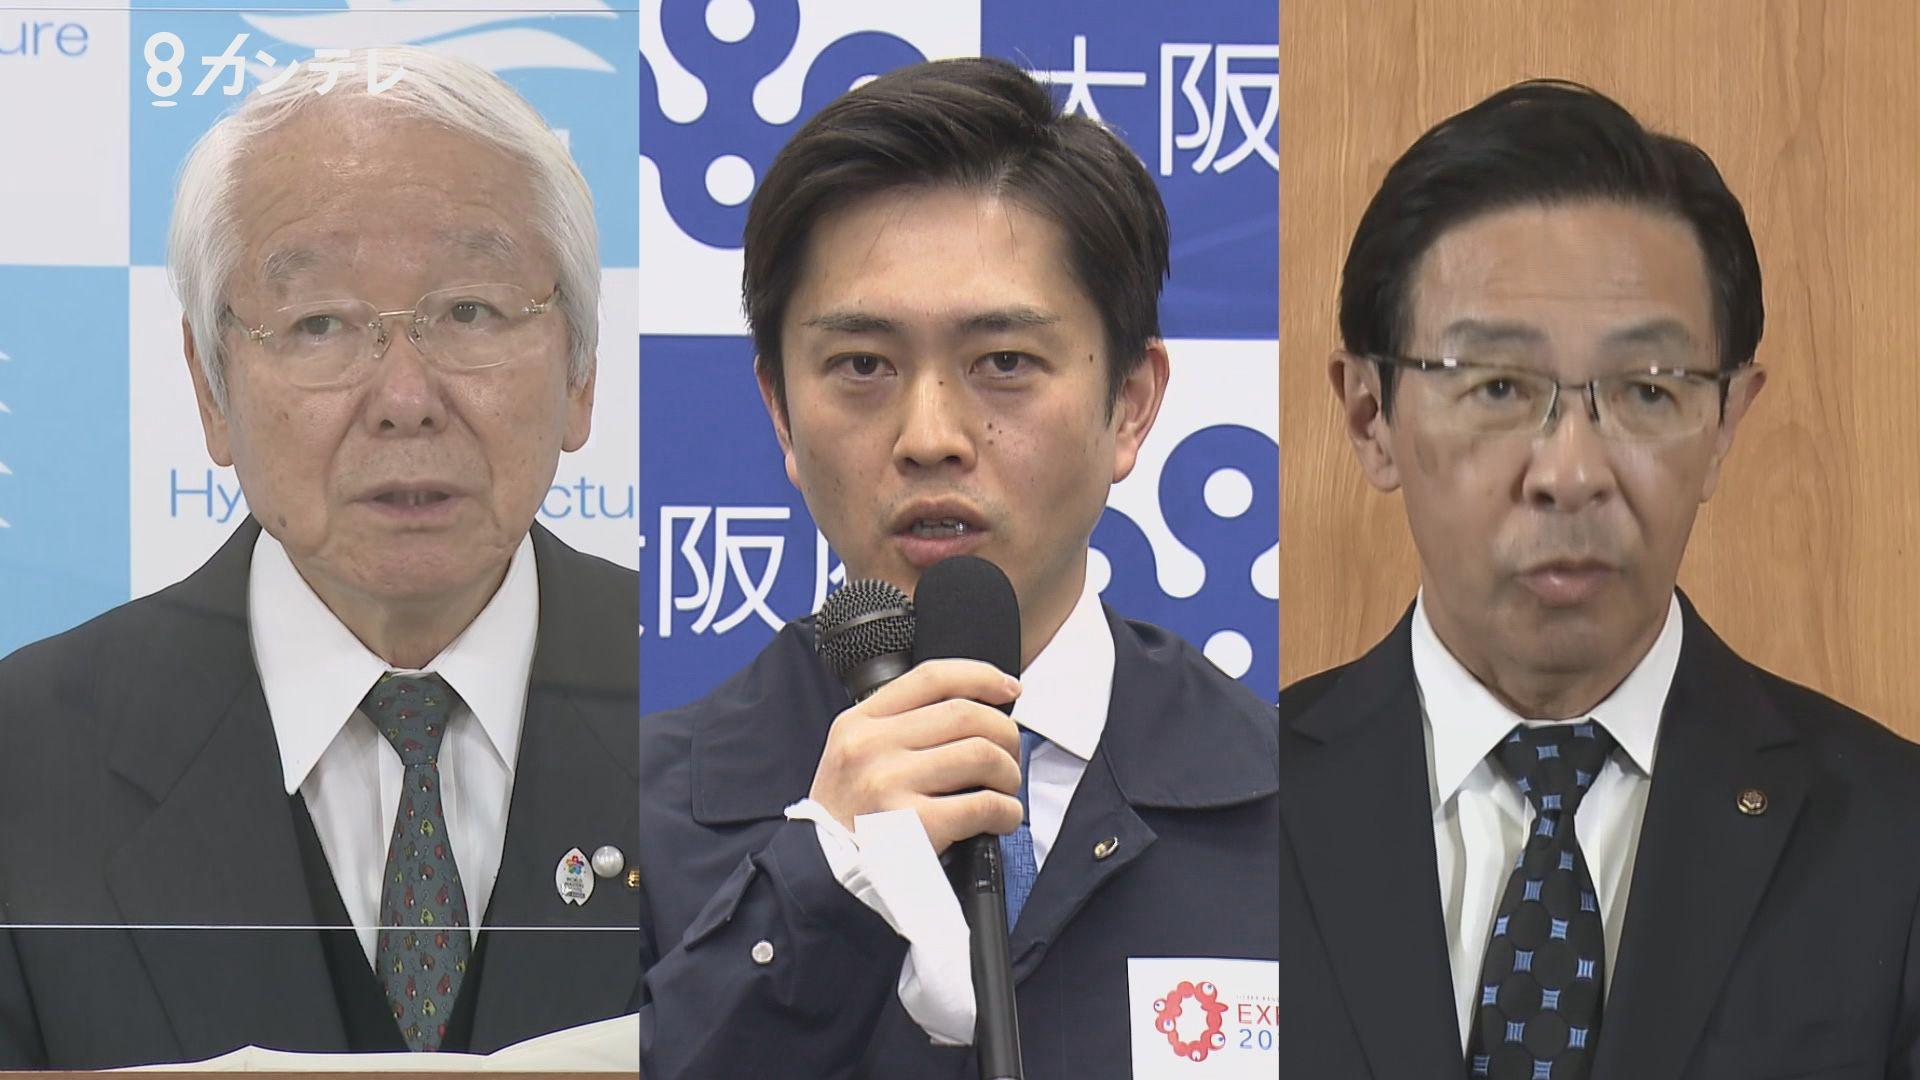 大阪・兵庫・京都の3府県が「緊急事態宣言」の解除要請の方針を決める 3知事が23日に協議・要請へ